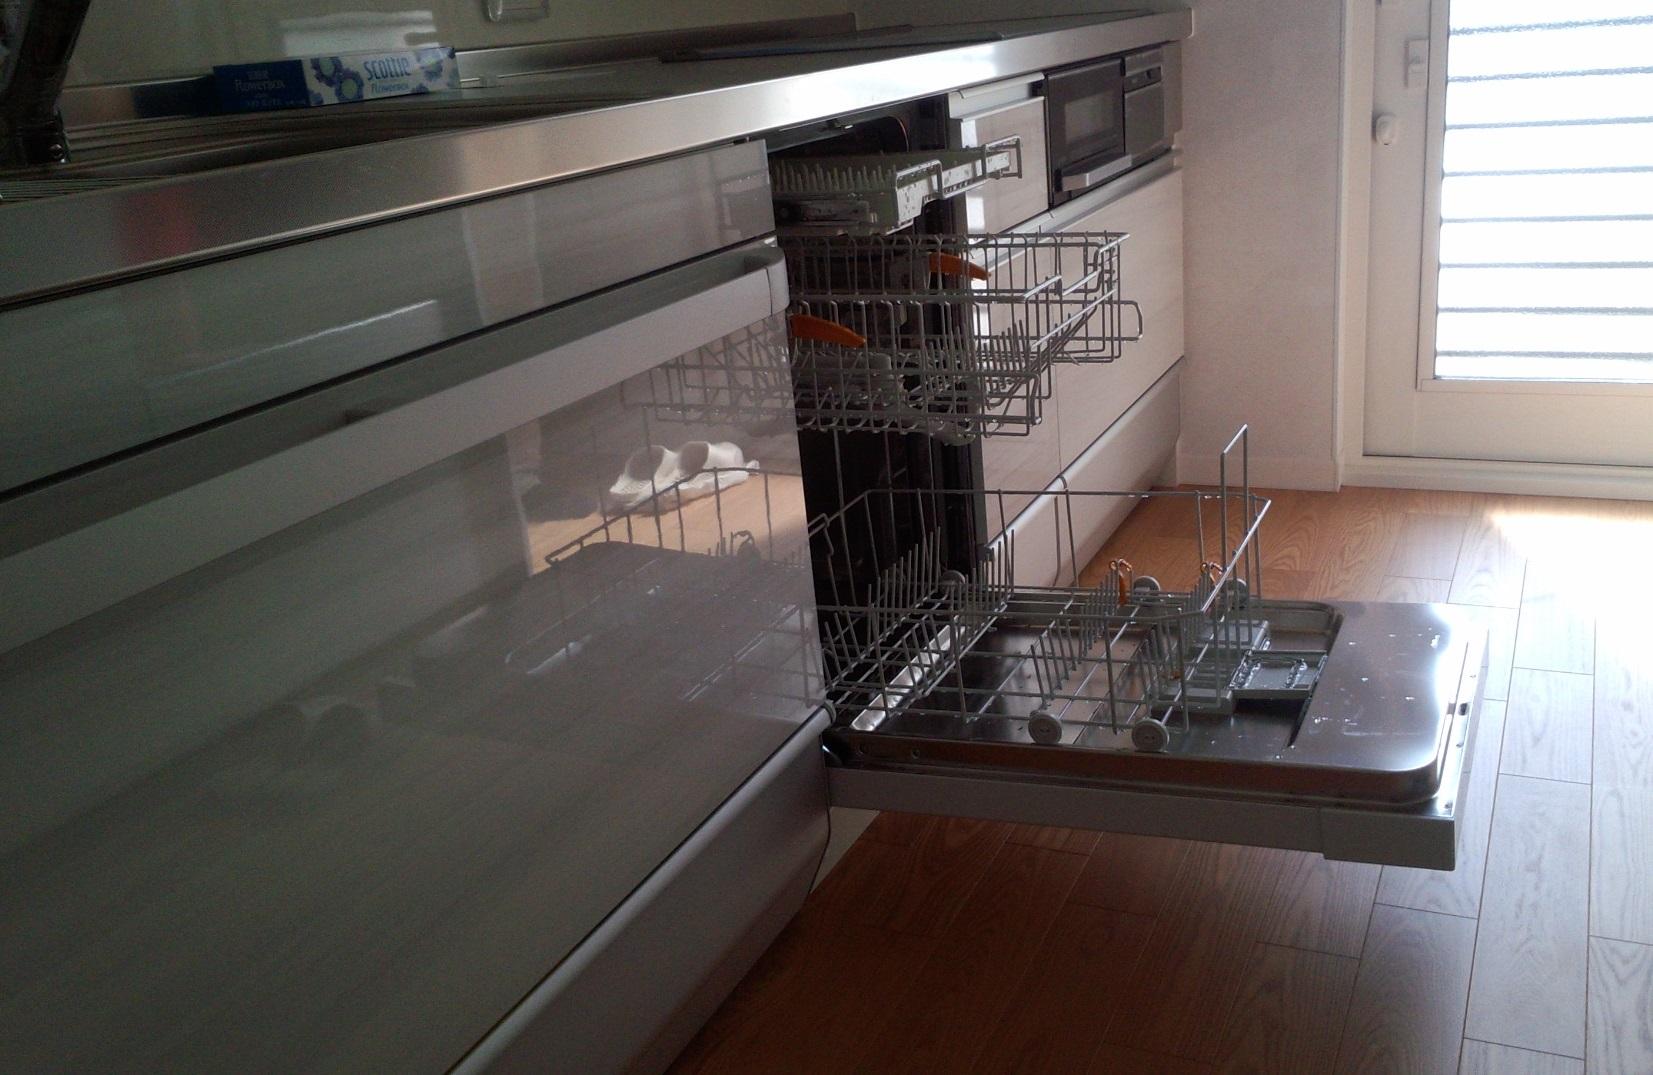 ミーレ食器洗い機45cm設置してきました (クリナップキッチン編)_a0155290_14375188.jpg